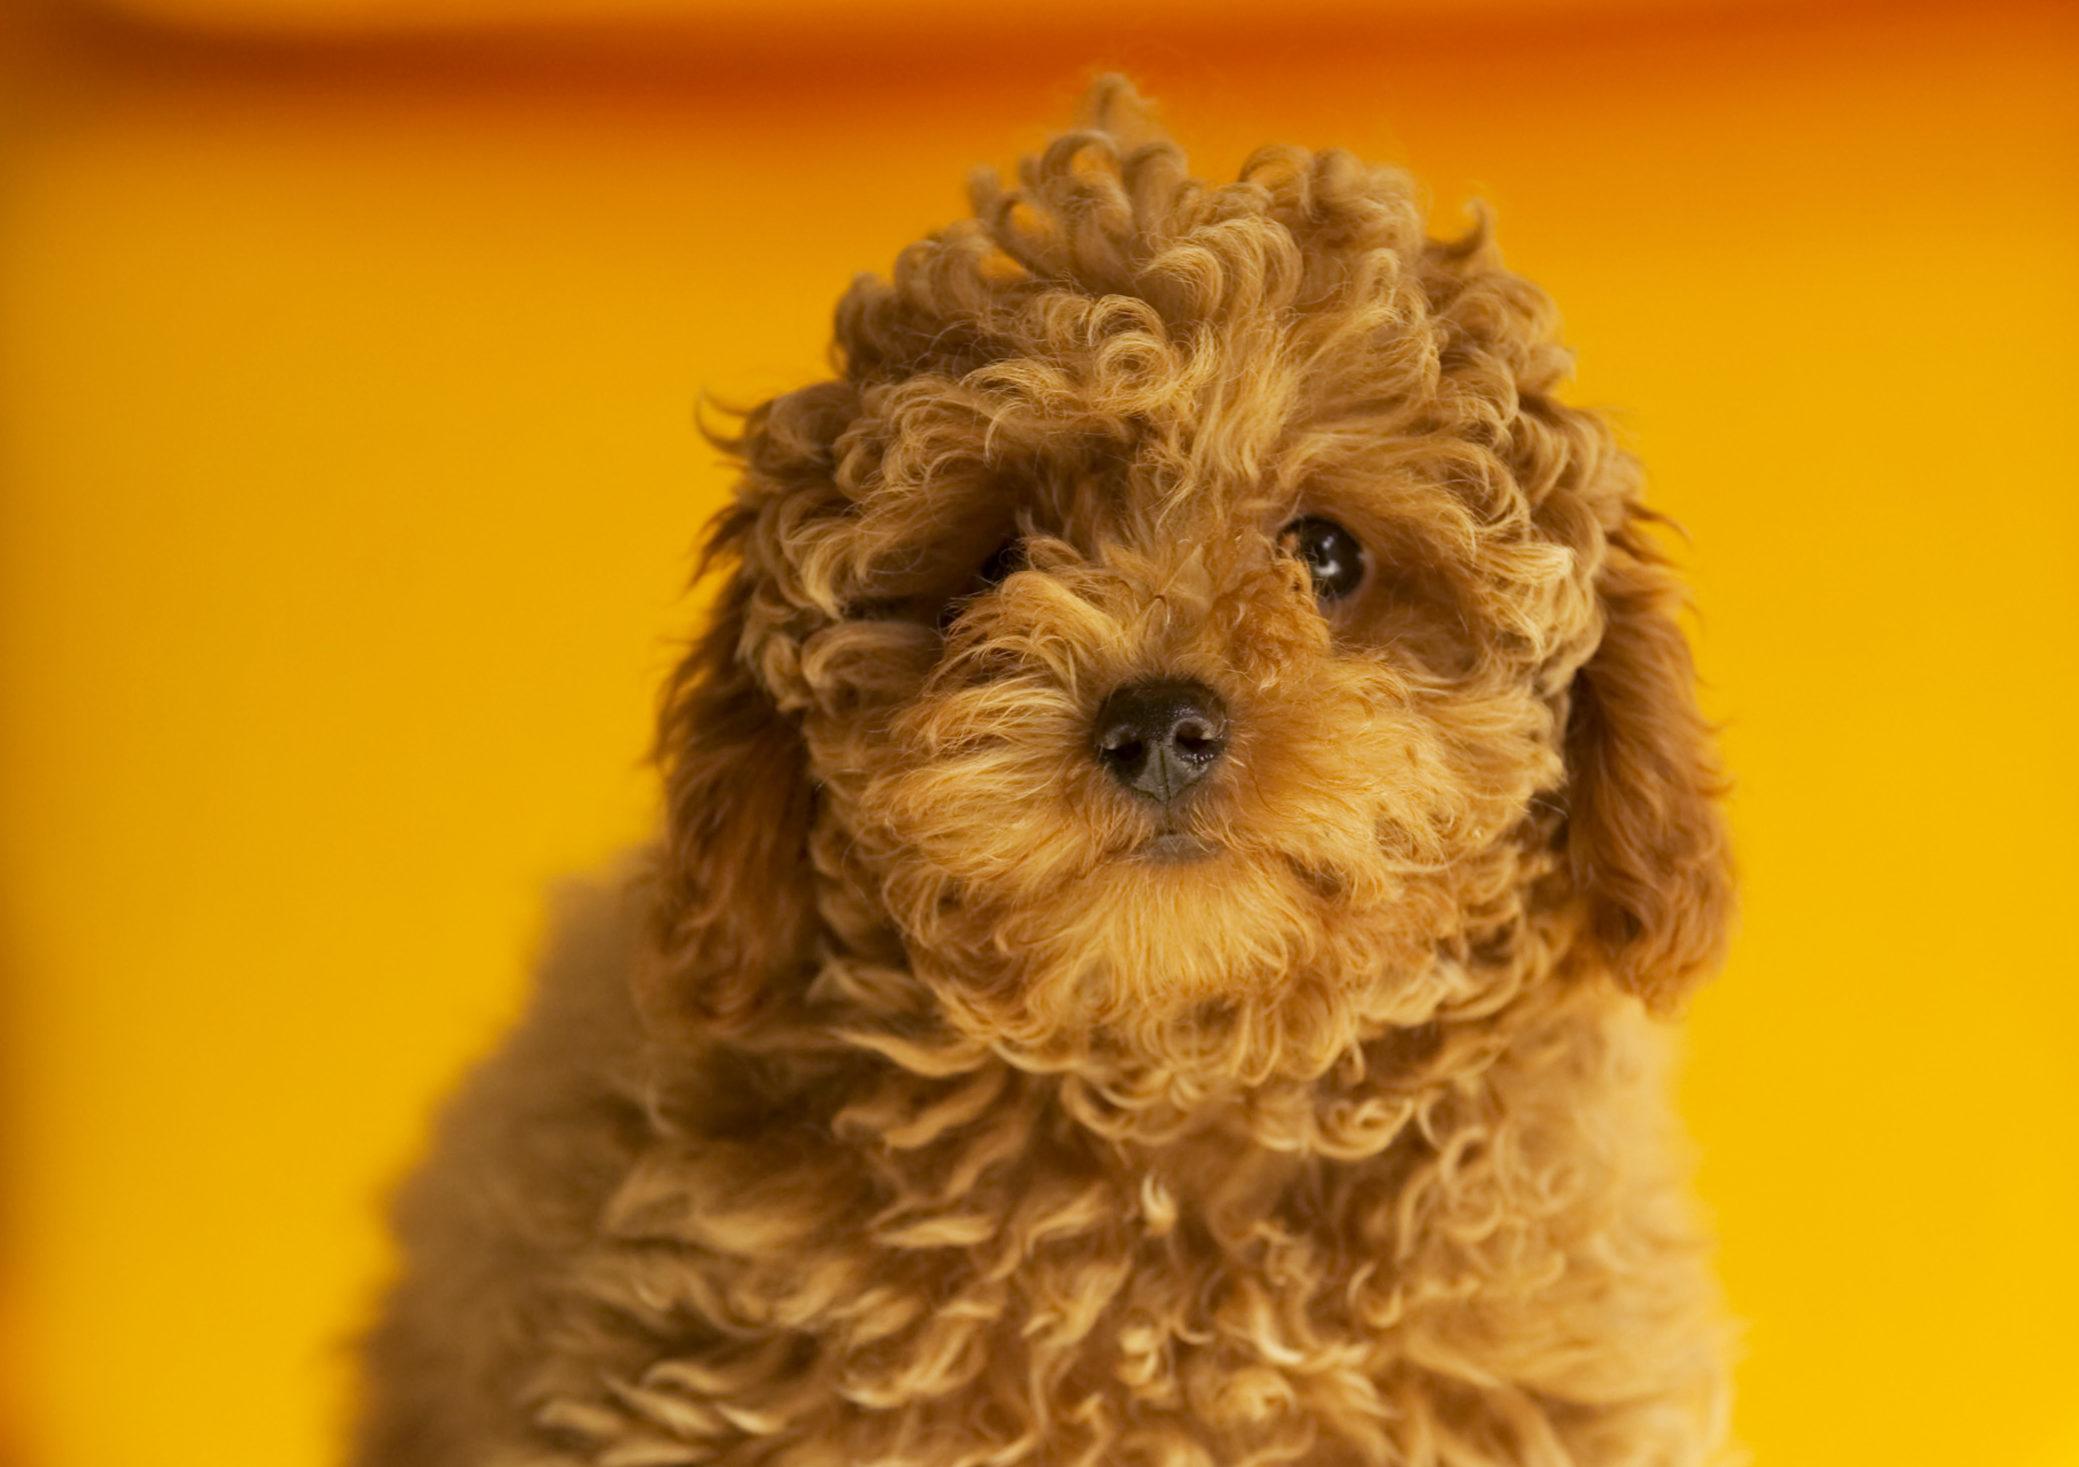 犬の毛の色が変わる!?不思議な犬の毛事情